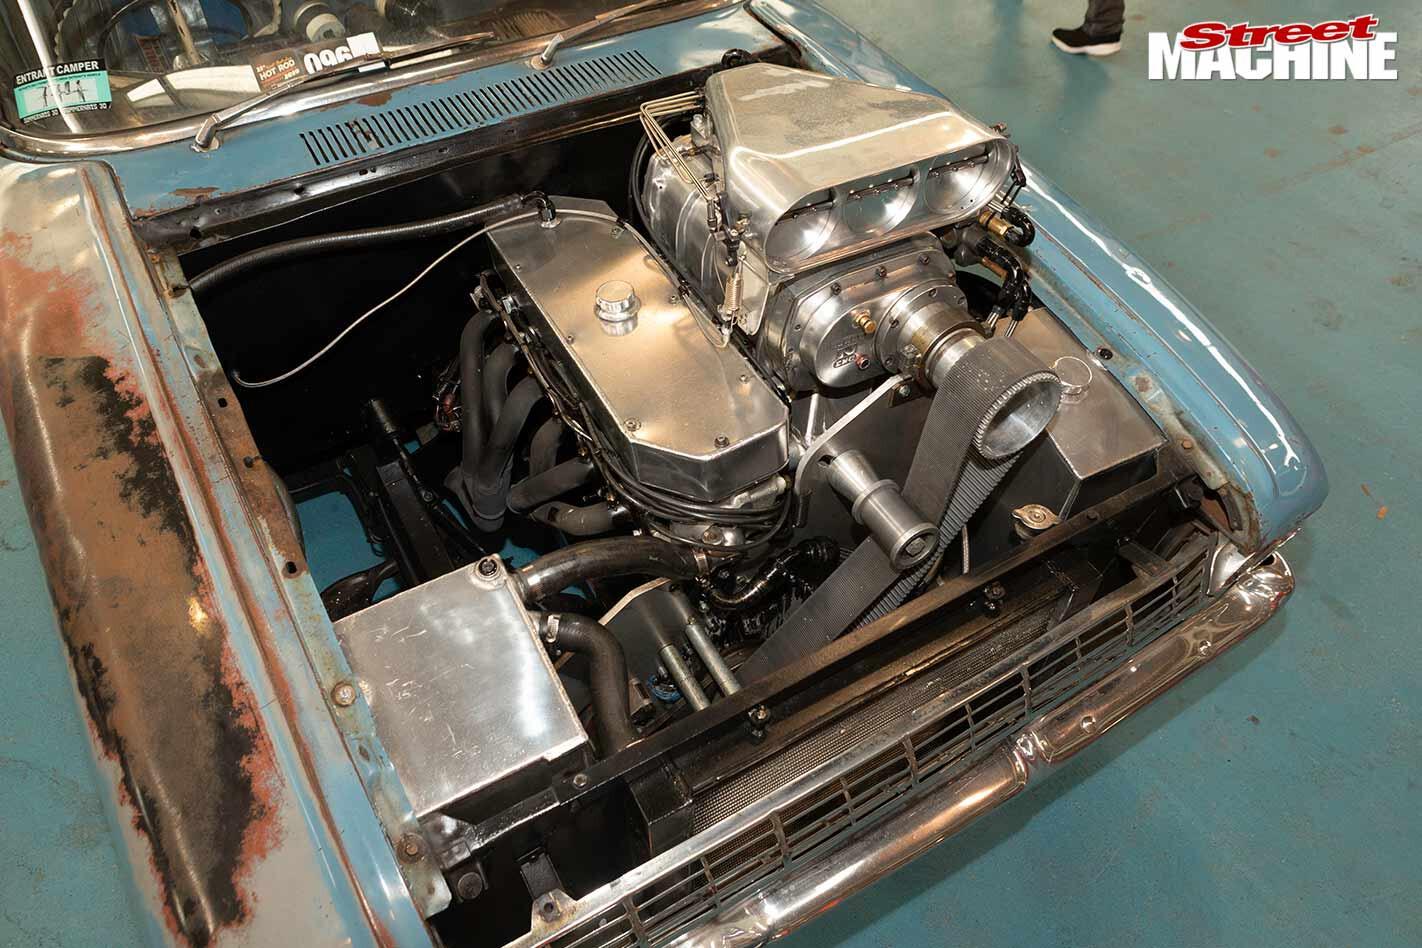 Ford XL falcon ute